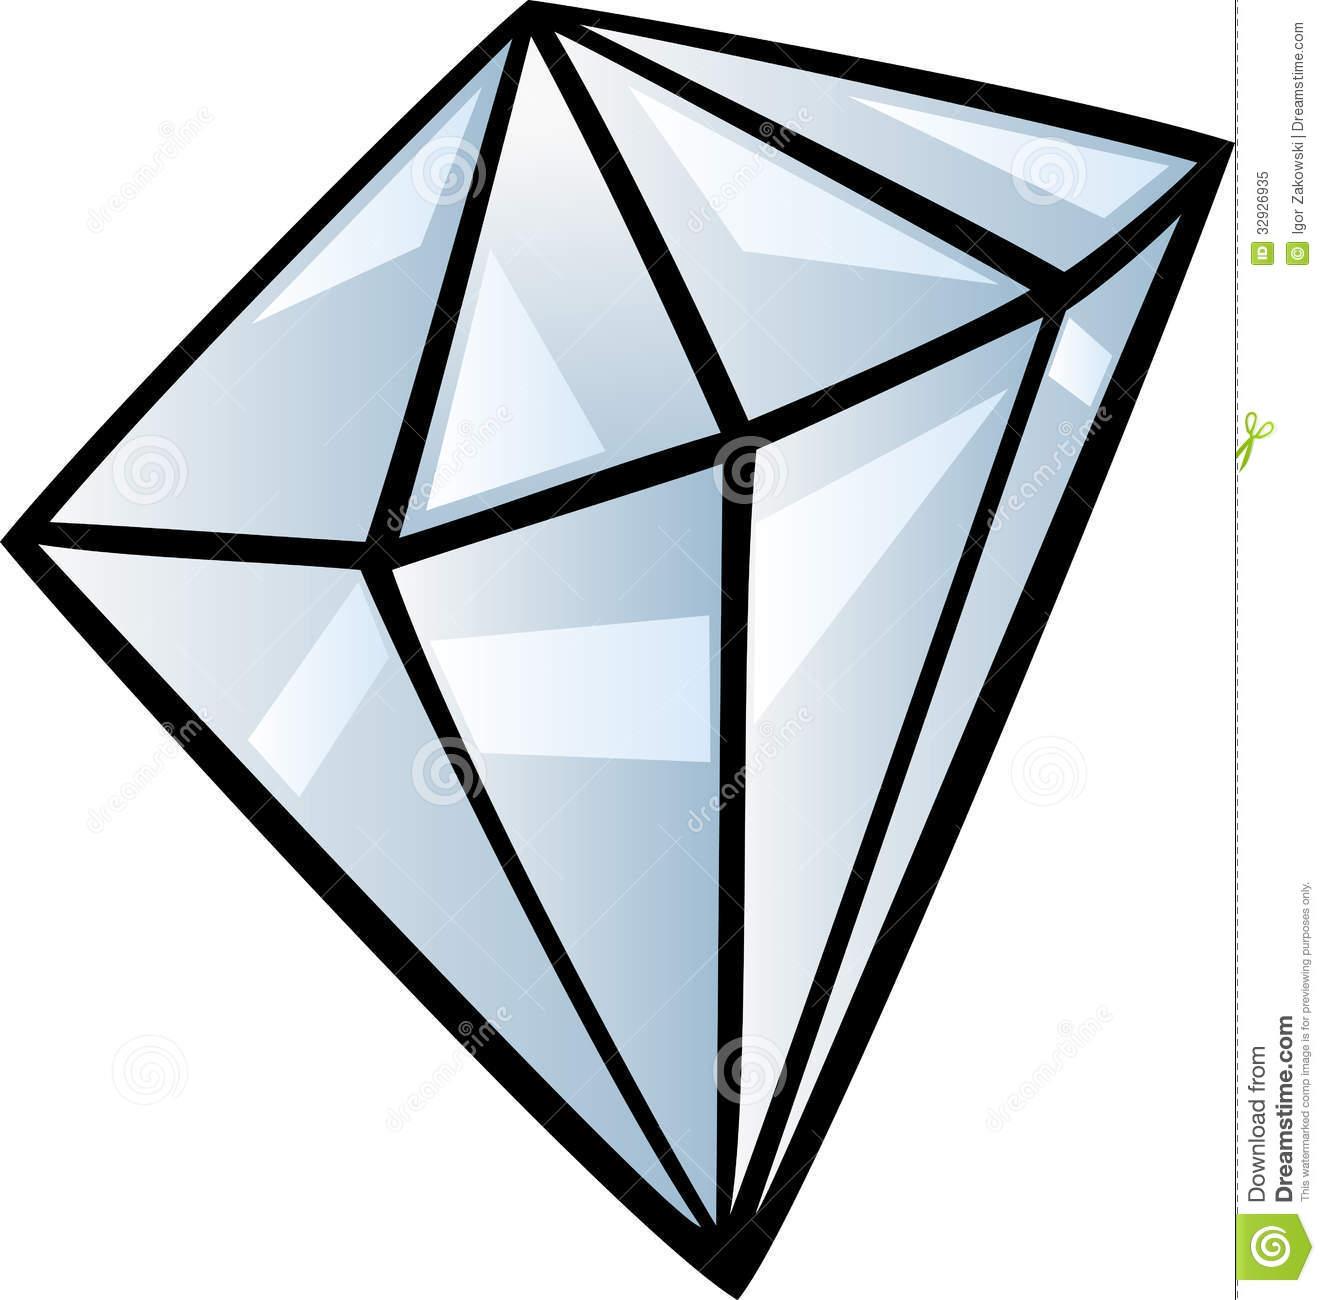 diamond clip art cartoon clipart panda free clipart images rh clipartpanda com diamond clipart images diamond clipart religion saying